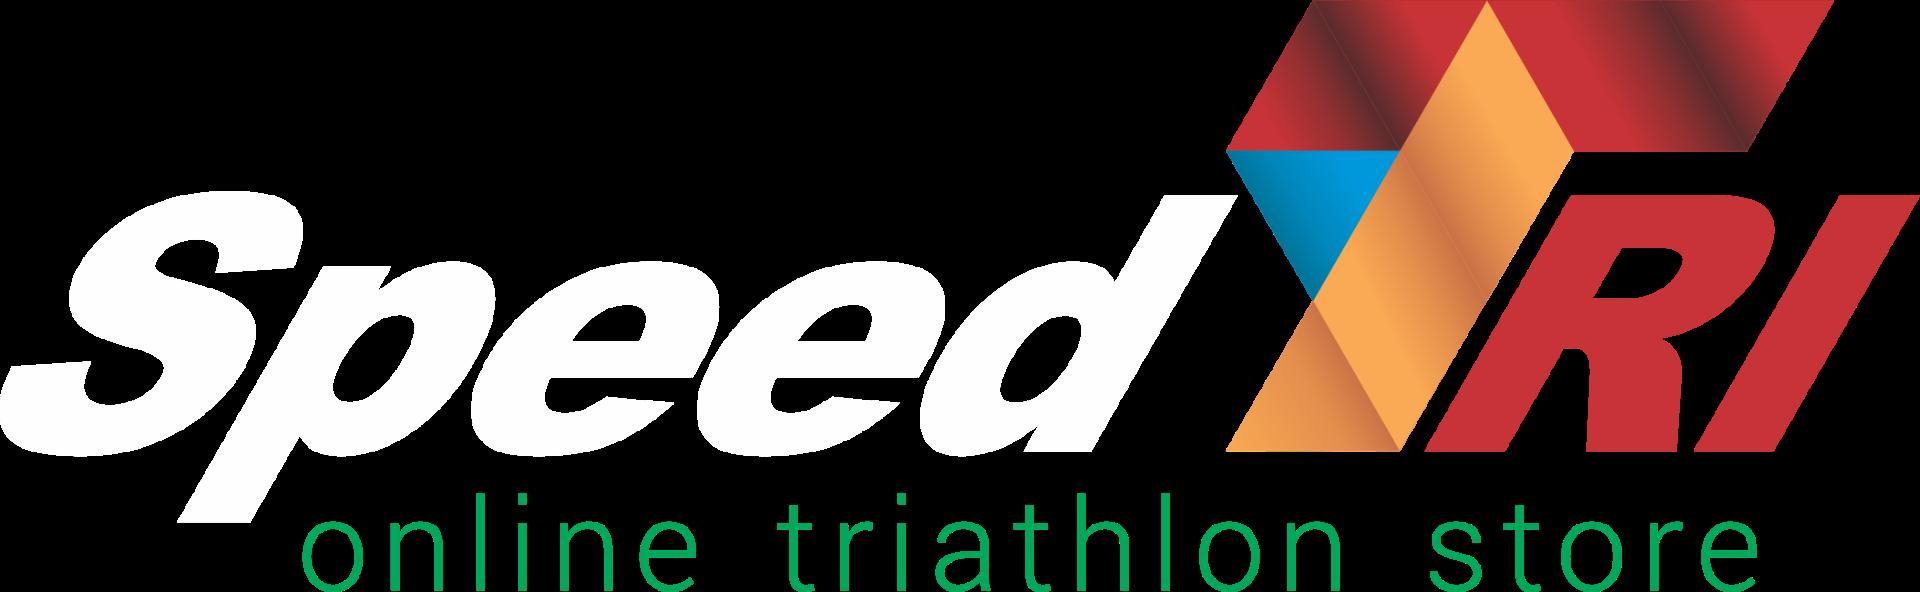 Speedtri